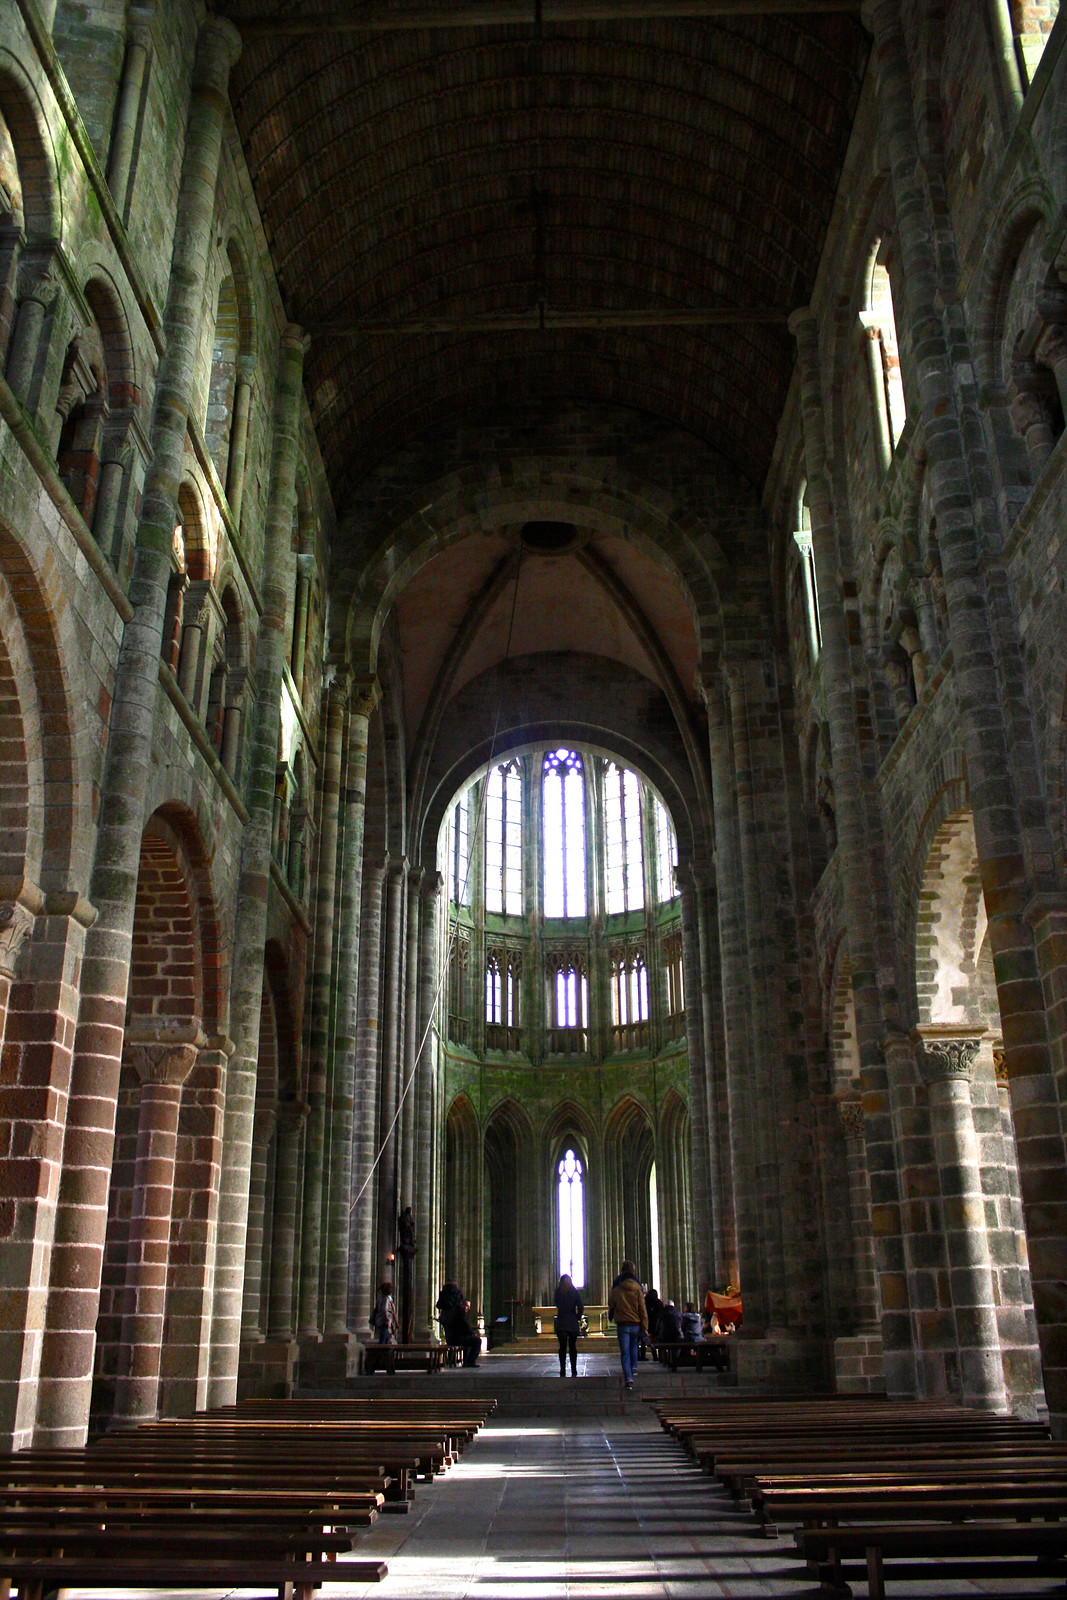 Abbey of Mont-Saint-Michel, France